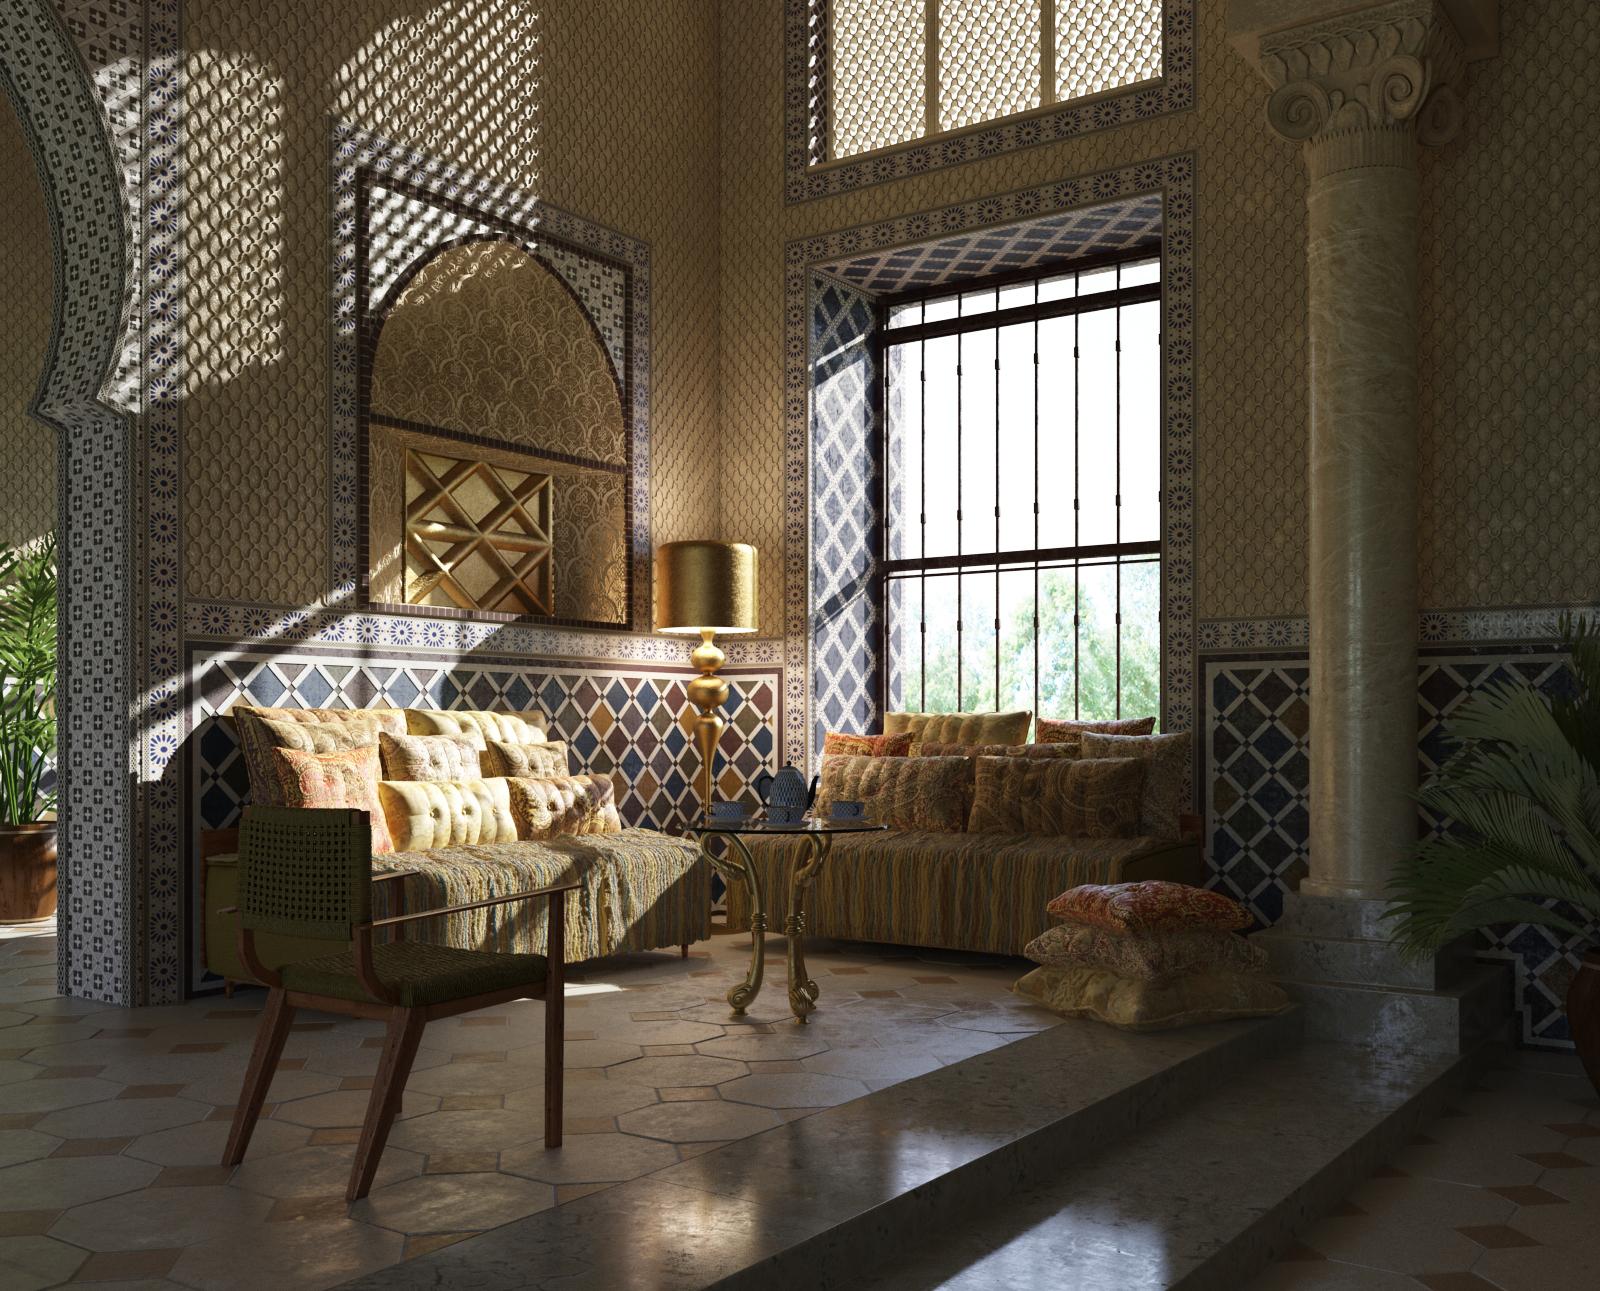 室内场景模型系列 东方风格 场景6